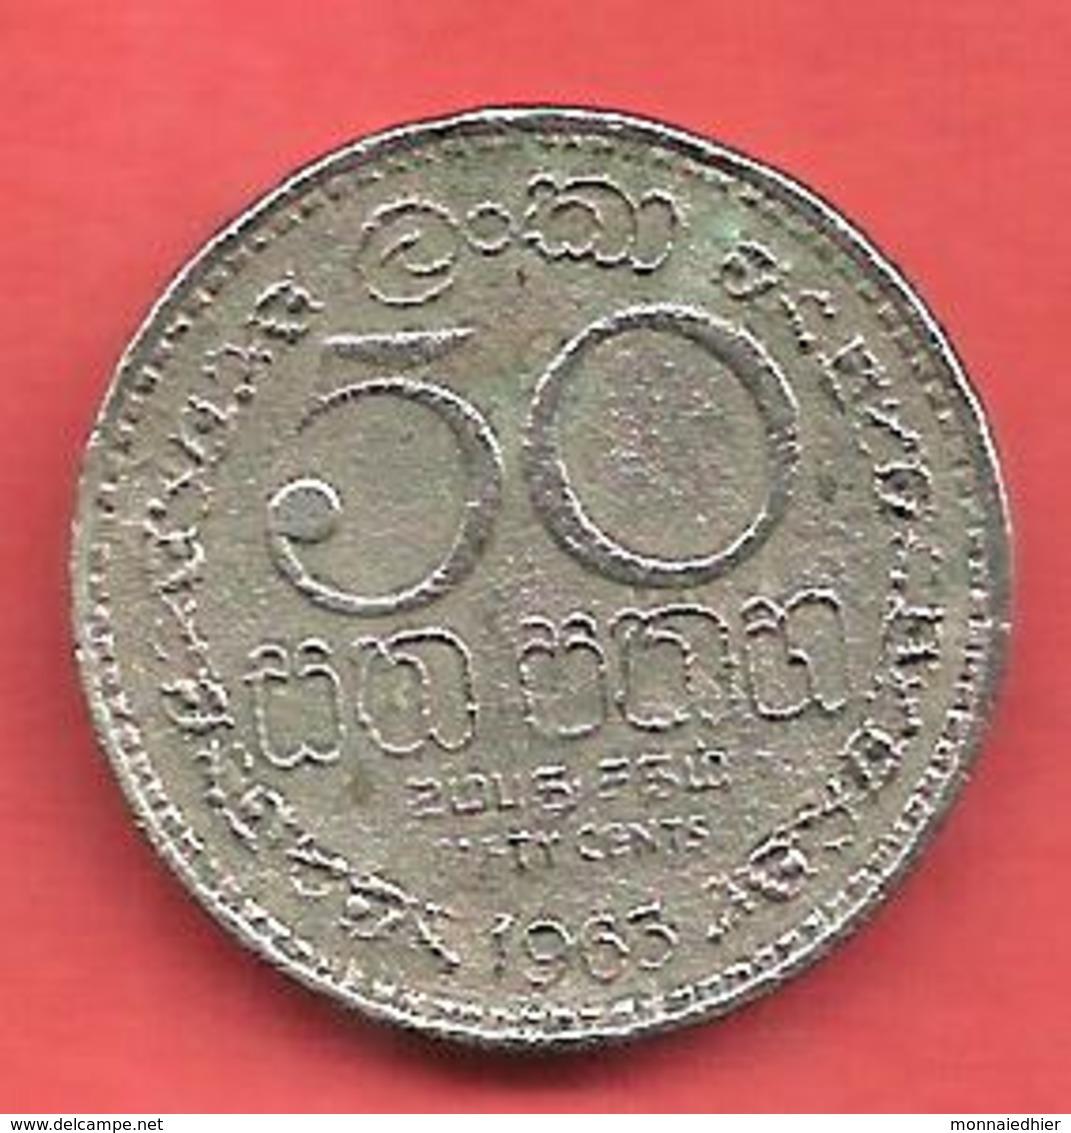 50 Cents , SRI LANKA , Cupro-Nickel , 1963 , N° KM # 132 - Sri Lanka